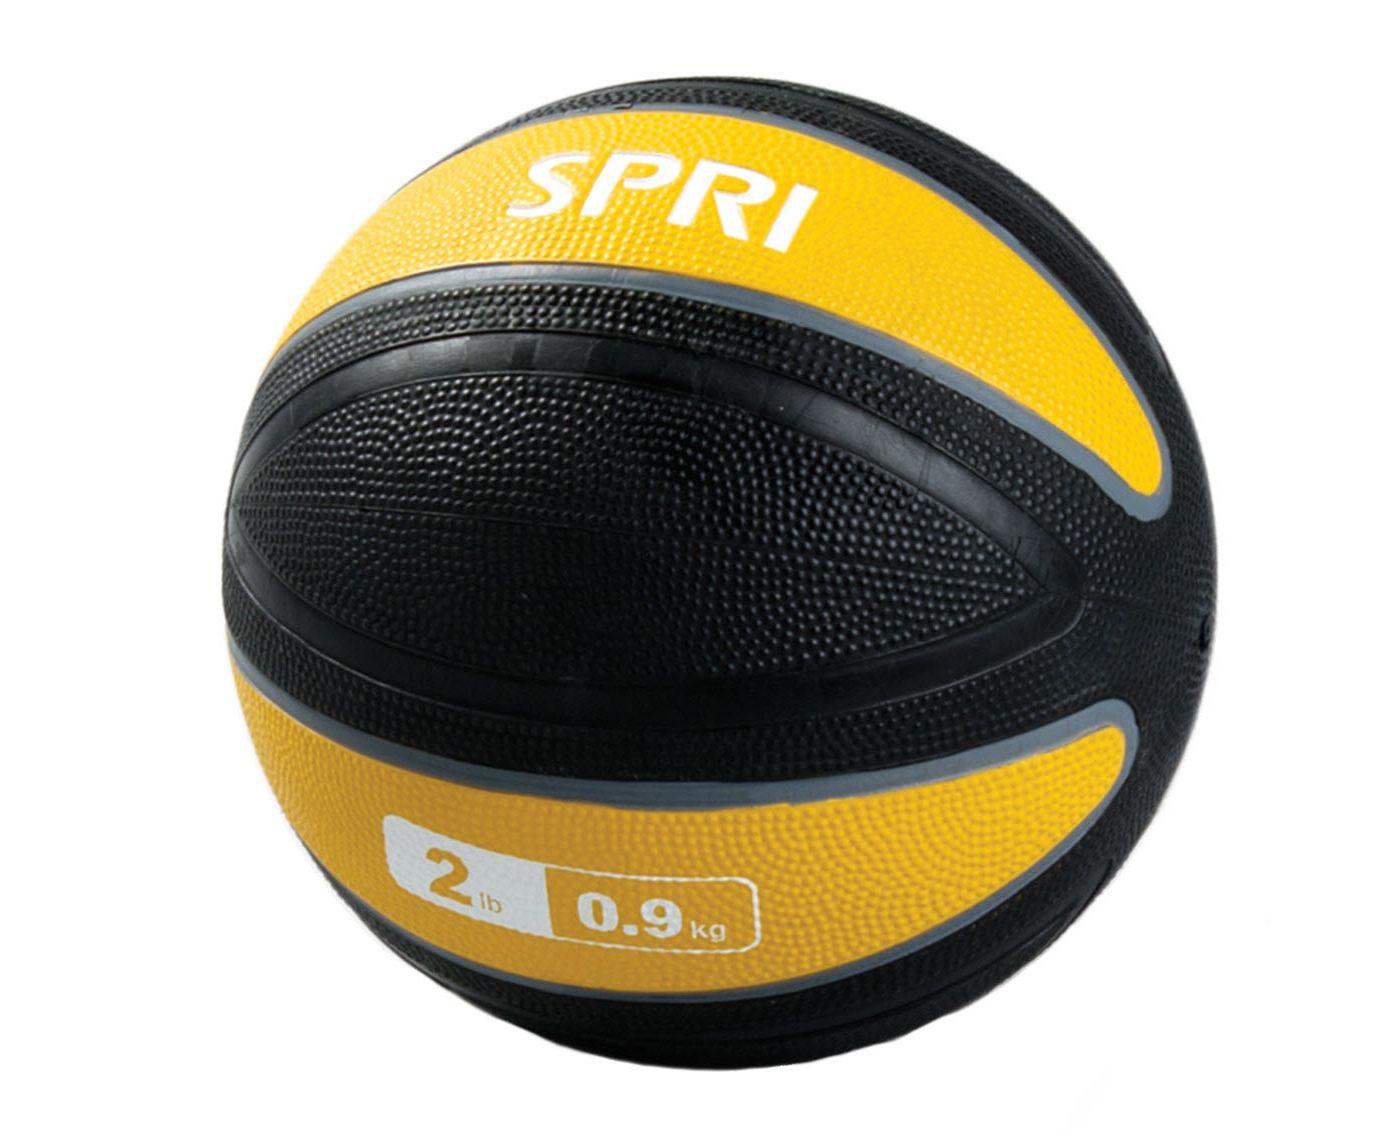 SPRI Xerball 2 lb. Medicine Ball